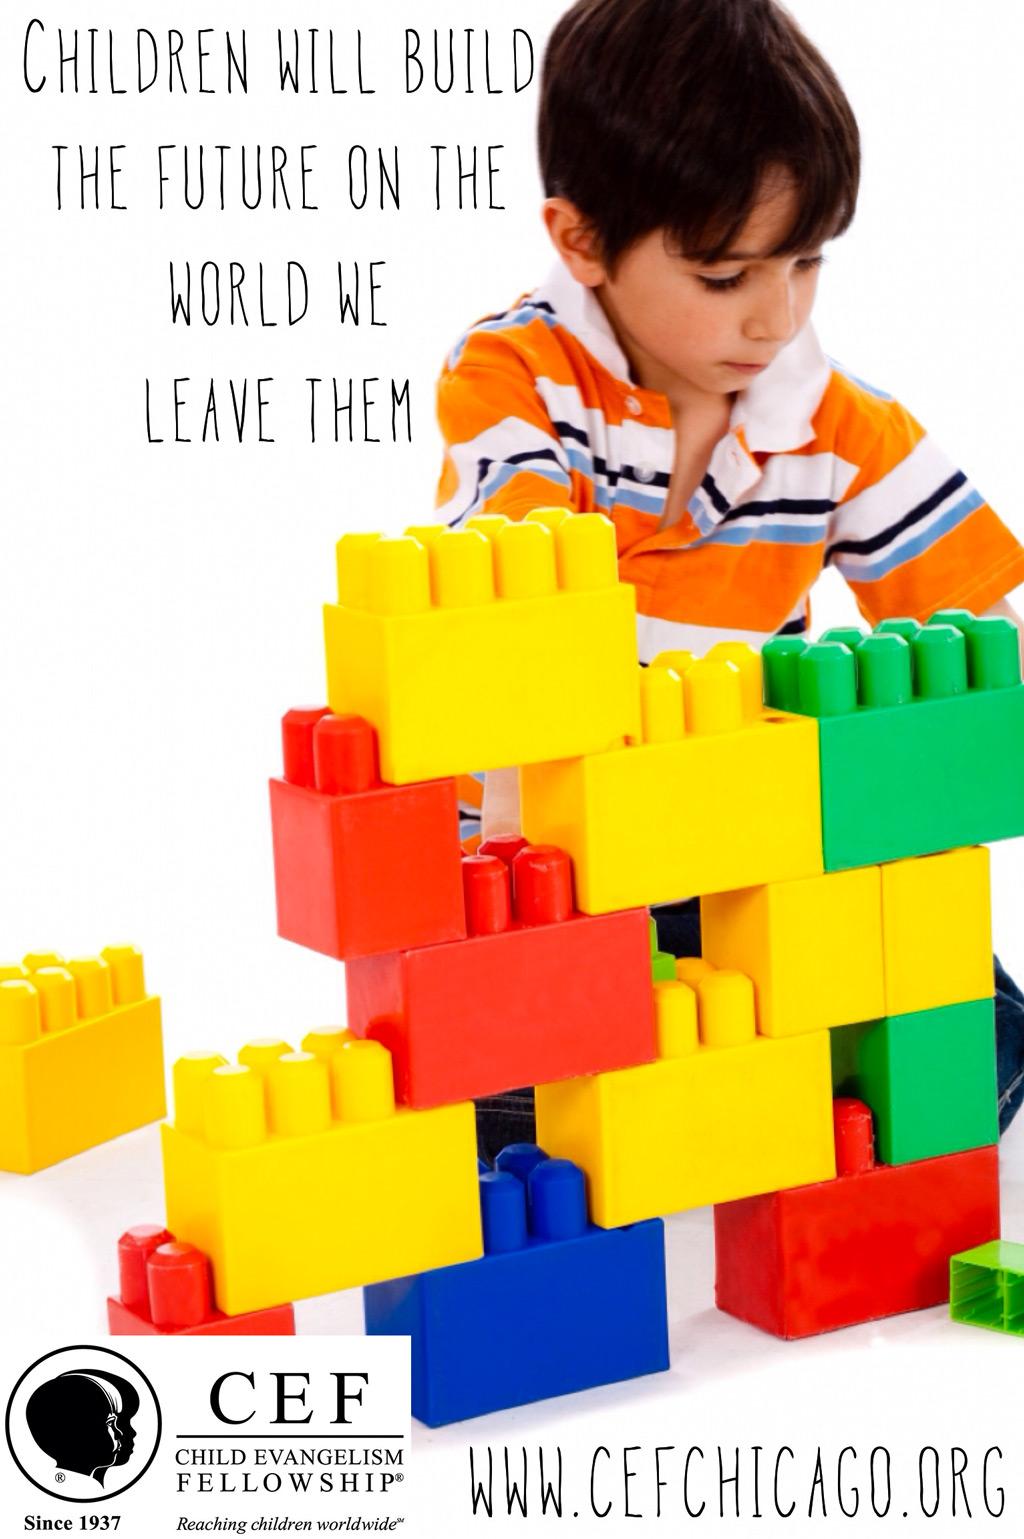 Children Will Build the Future